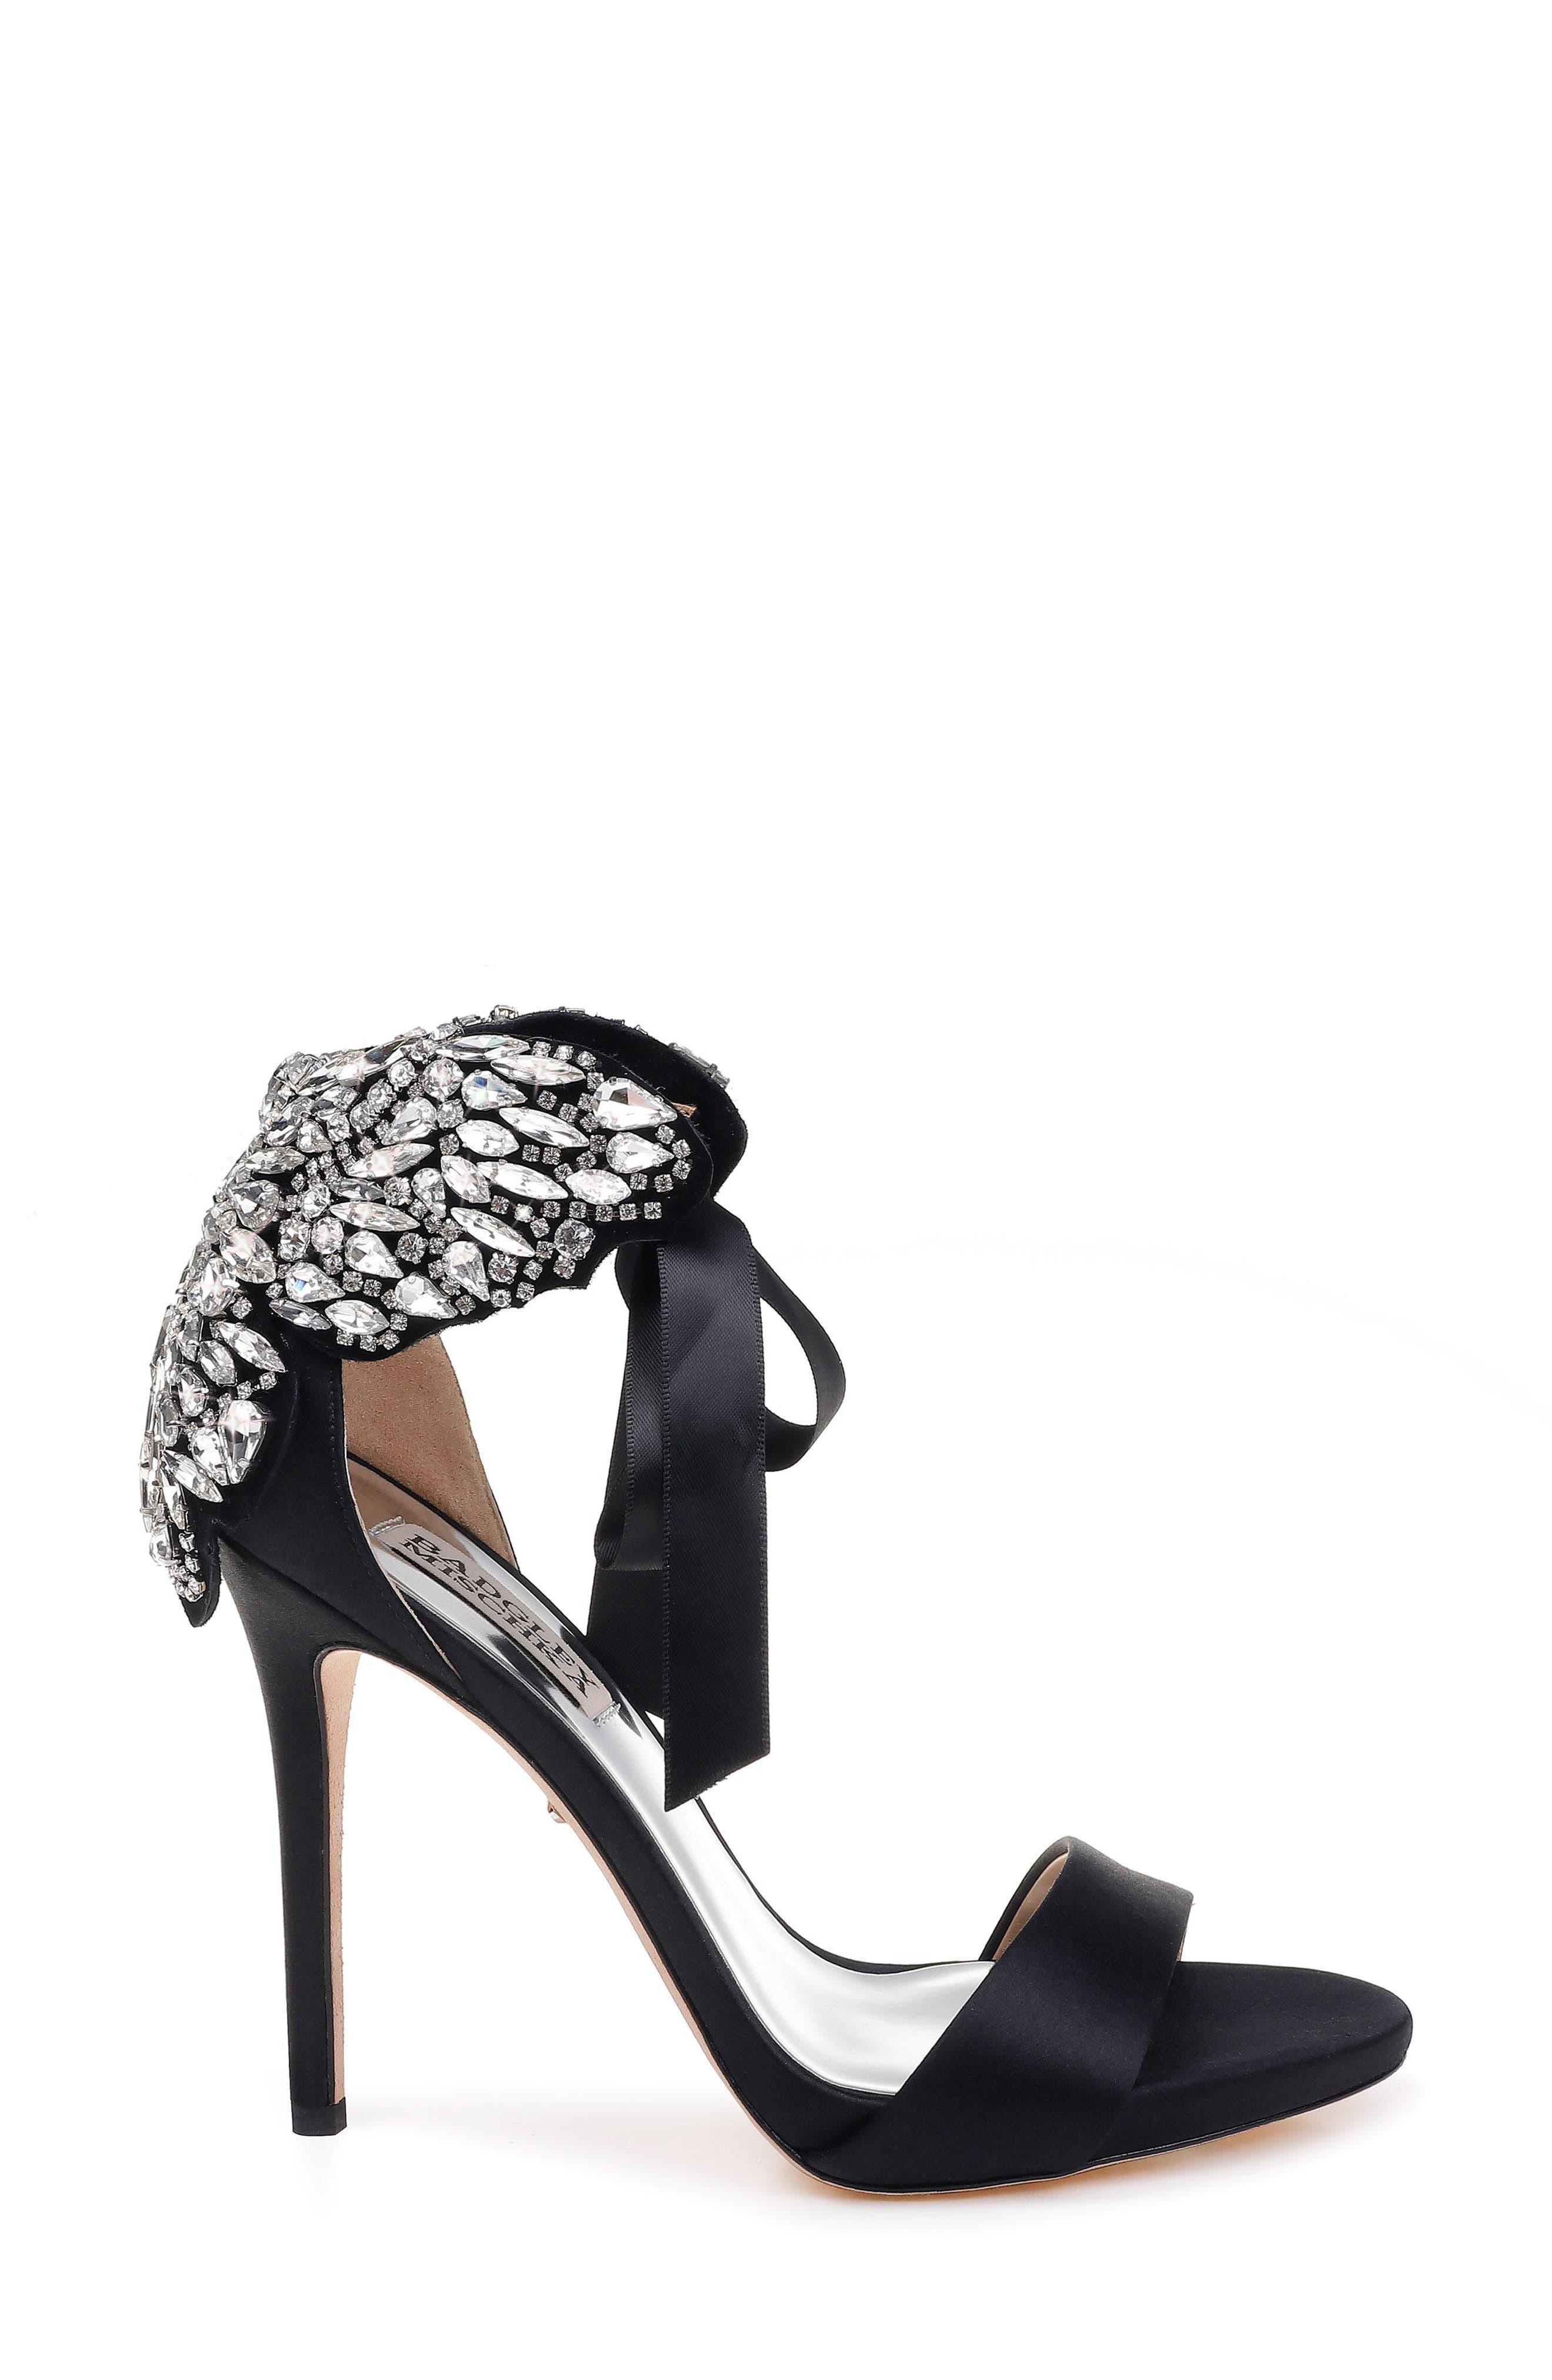 Alternate Image 3  - Badgley Mischka Hilda Crystal Embellished Sandal (Women)